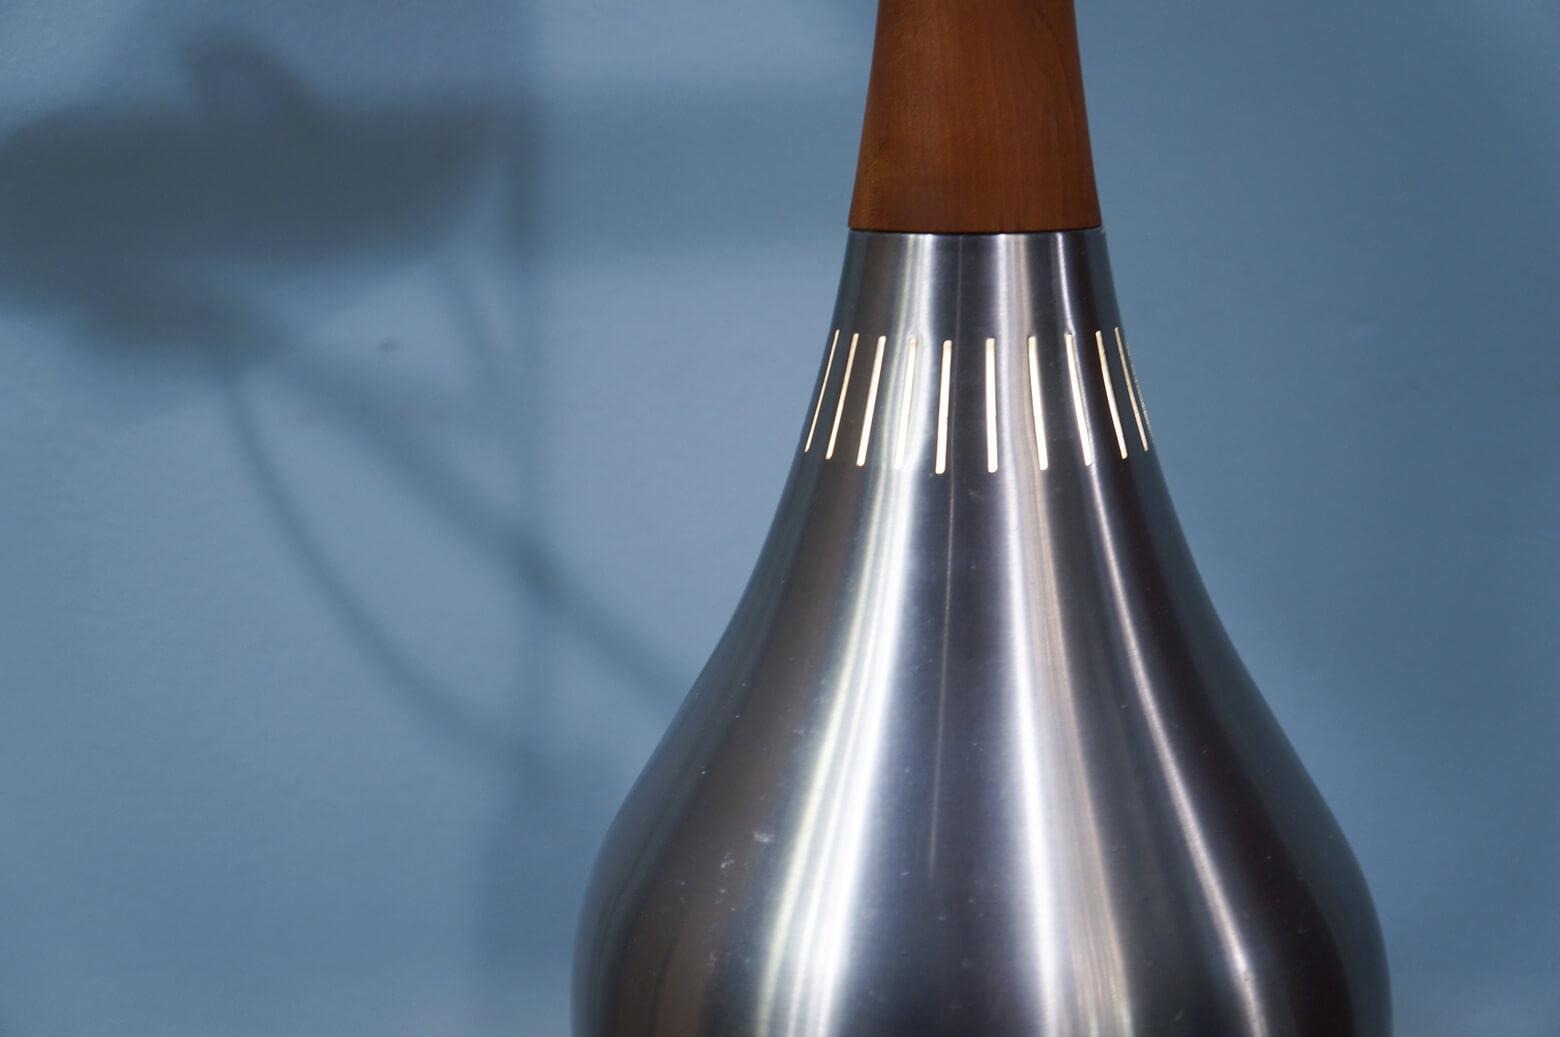 Scandinavian Style Pendant Light/北欧スタイル ペンダントライト ヴィンテージ アルミシェード レトロ ヤマギワ